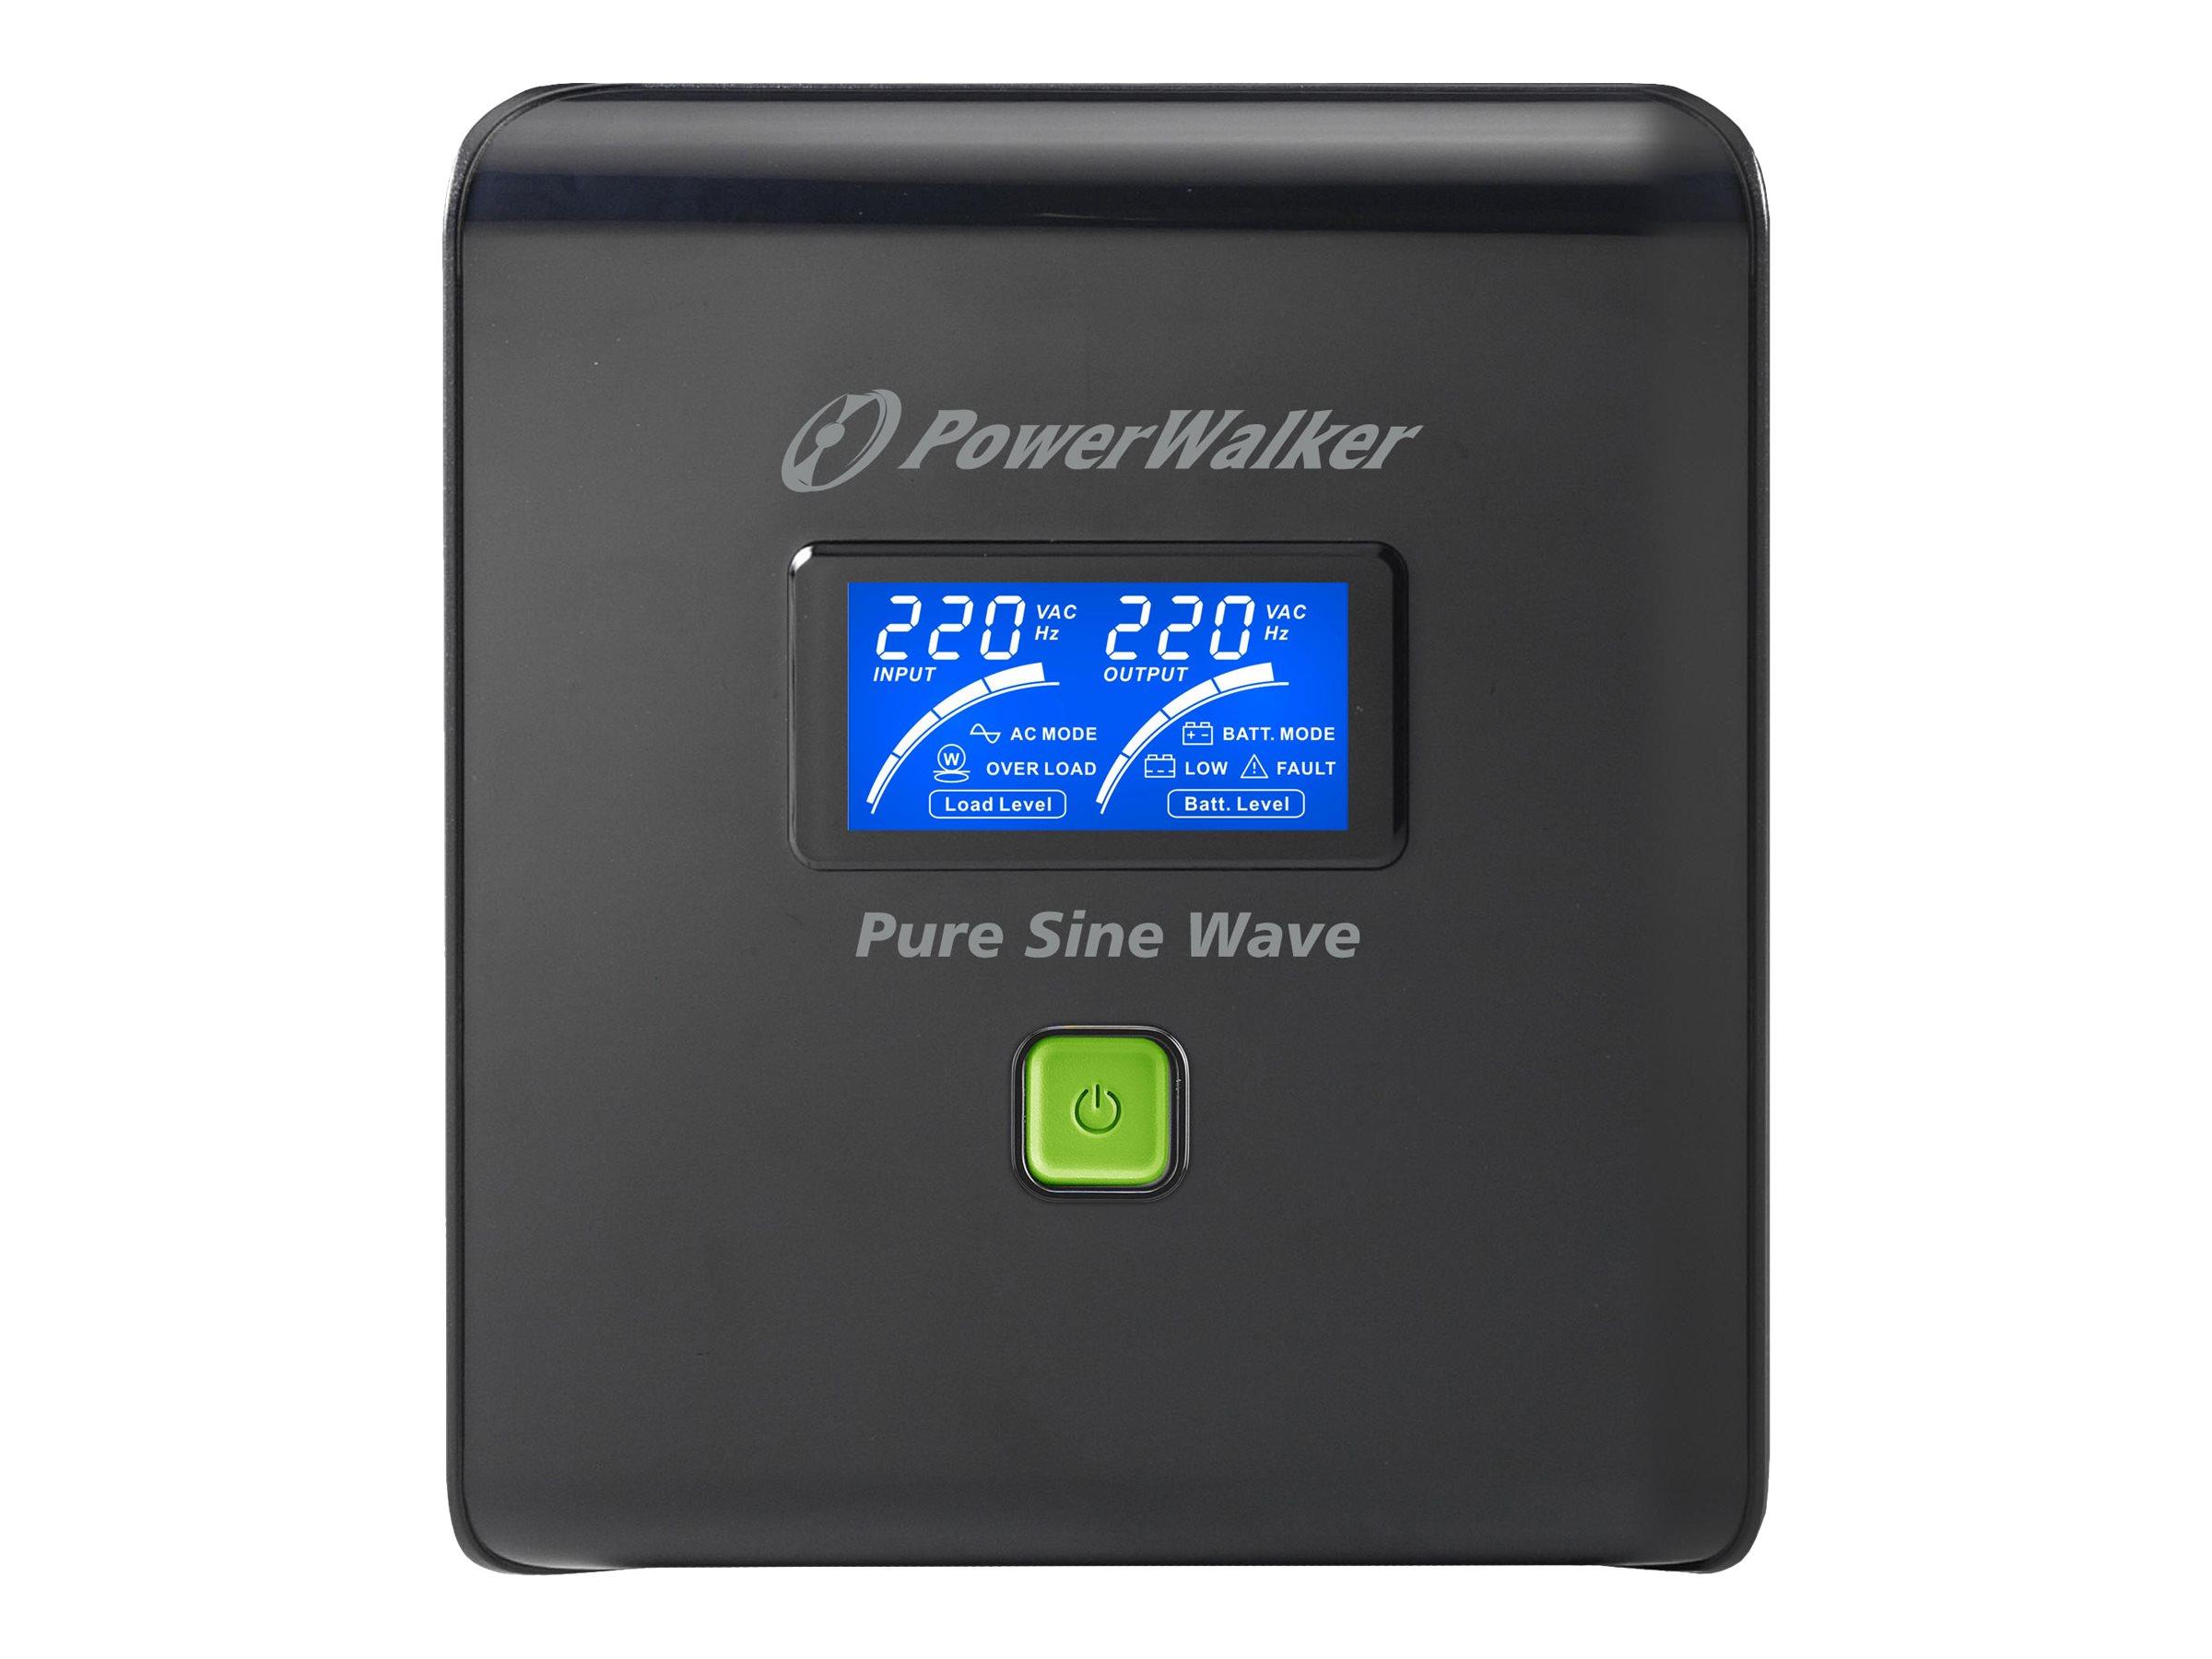 PowerWalker VI 1000 PSW/Schuko - USV - 700 Watt - 1000 VA 7 Ah - USB - Ausgangsanschlüsse: 4